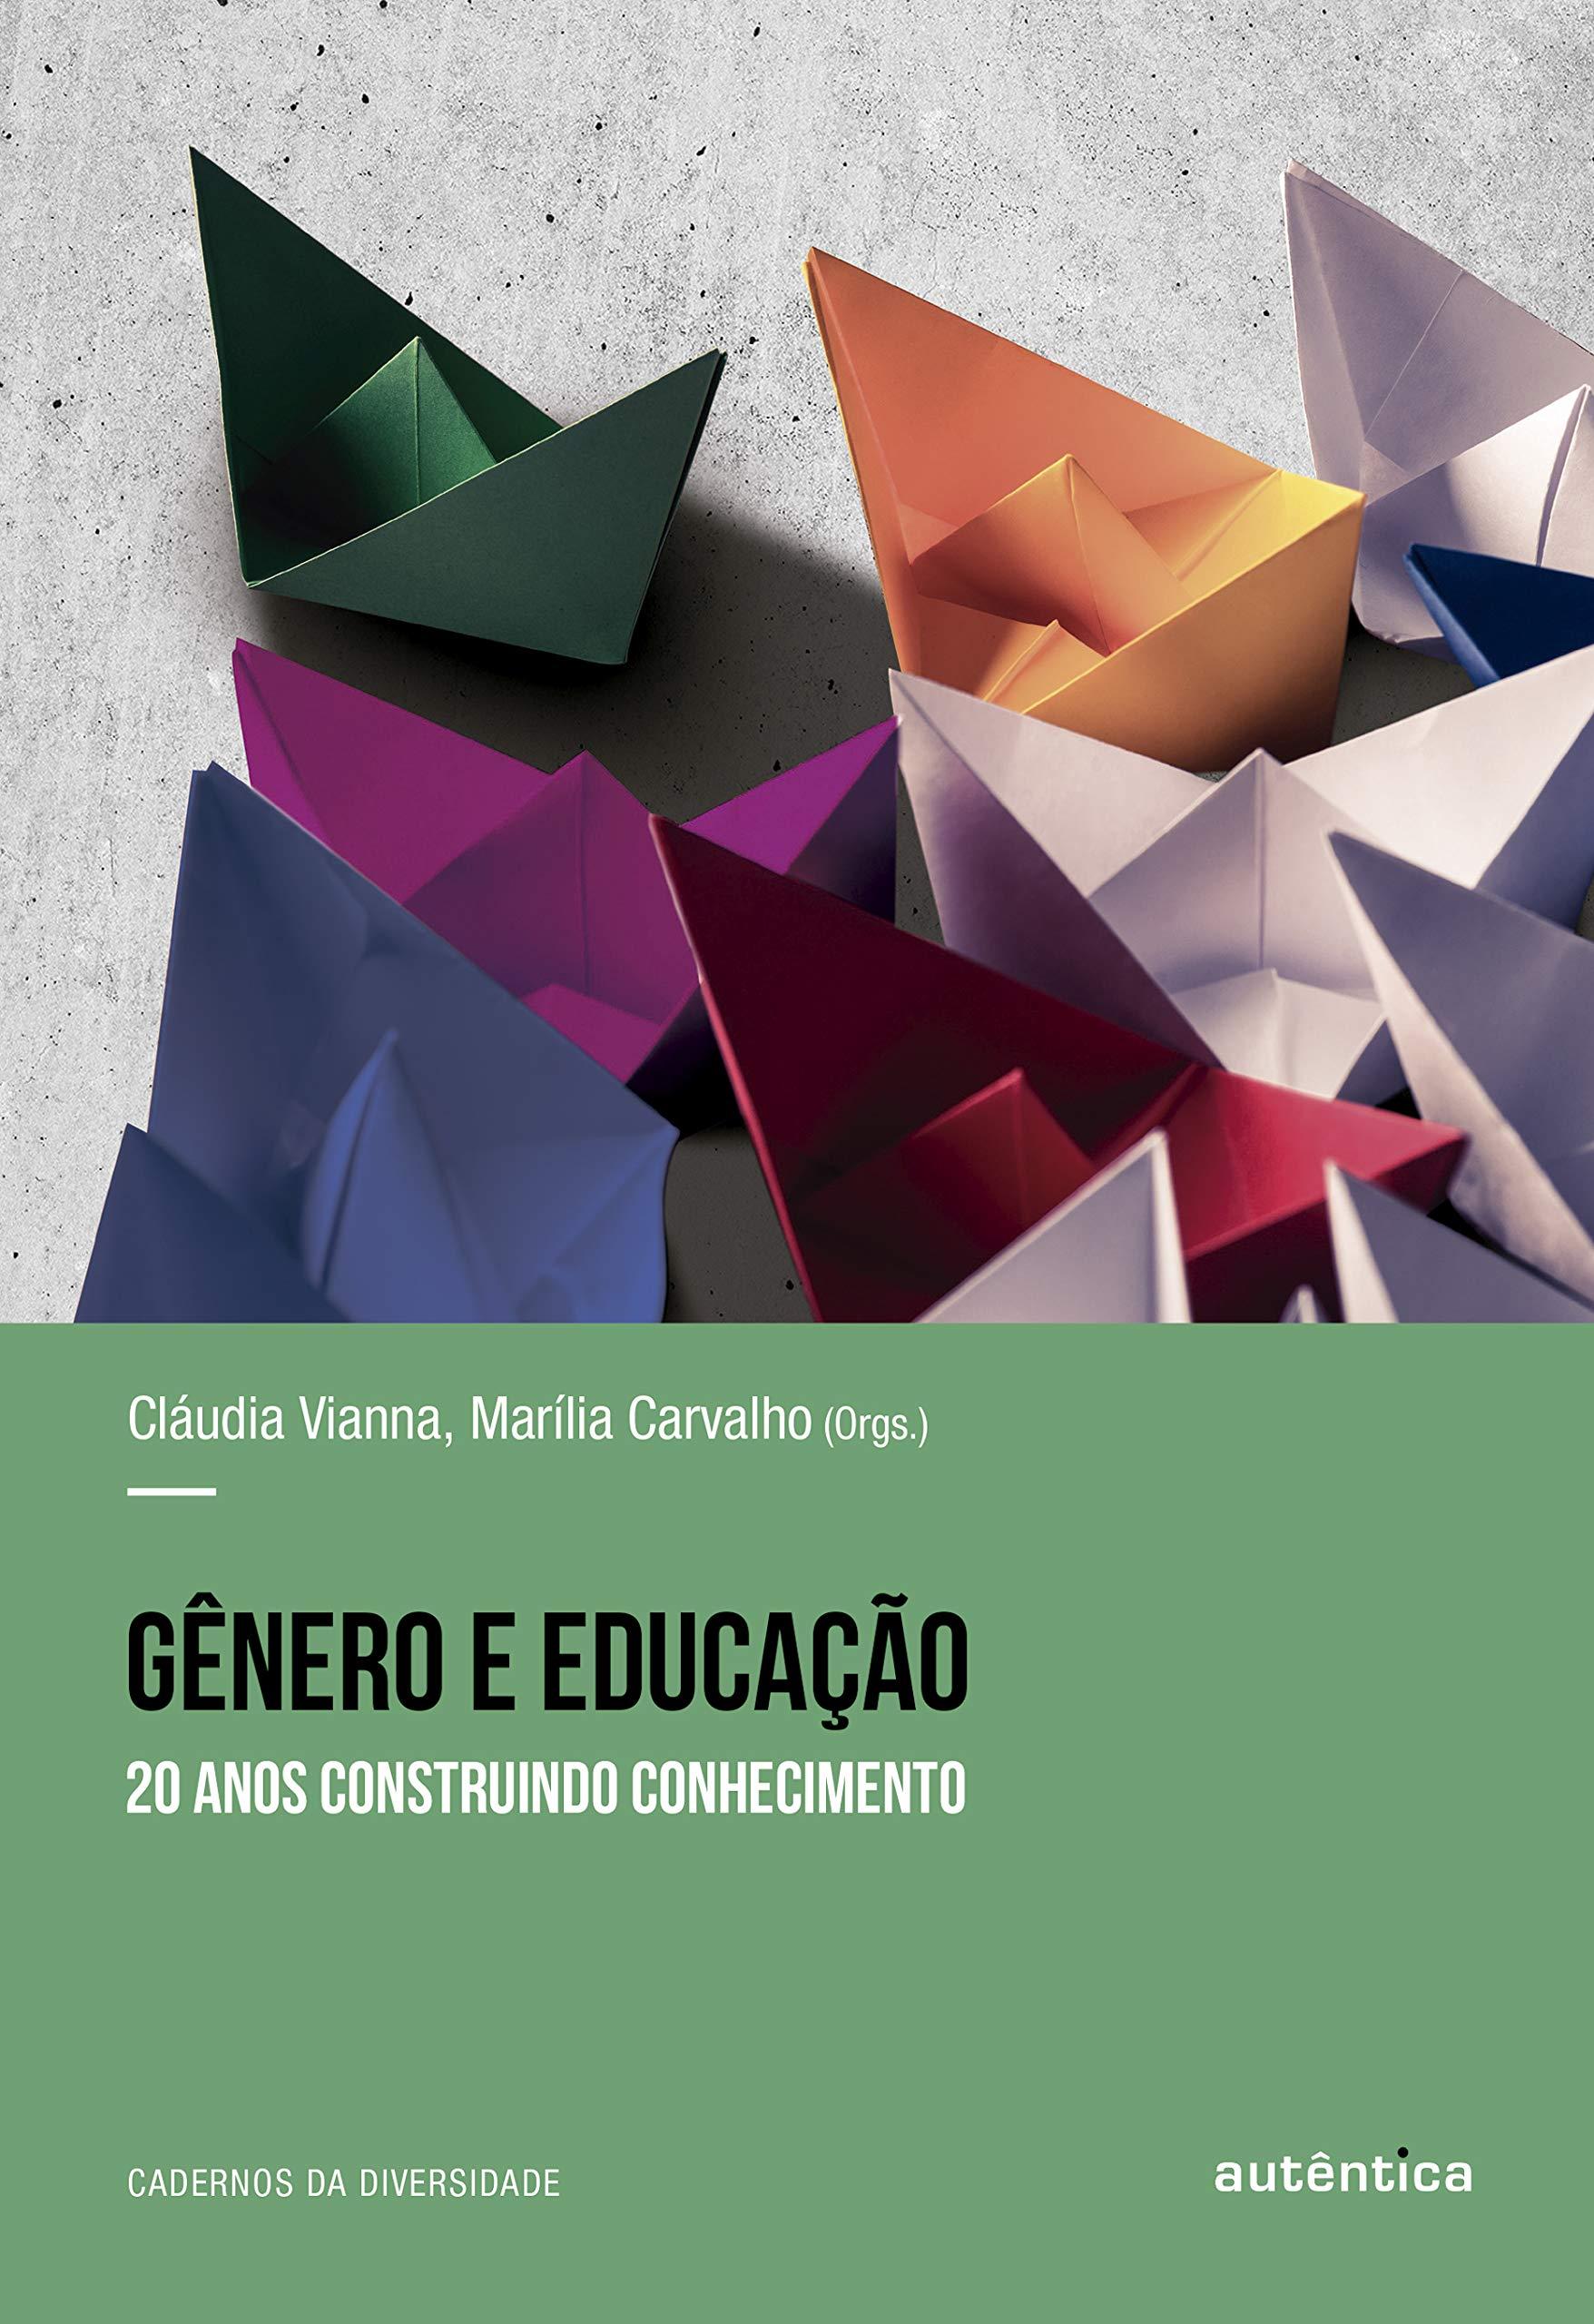 Livro 'Gênero e educação' por Cláudia Vianna e Marília Carvalho